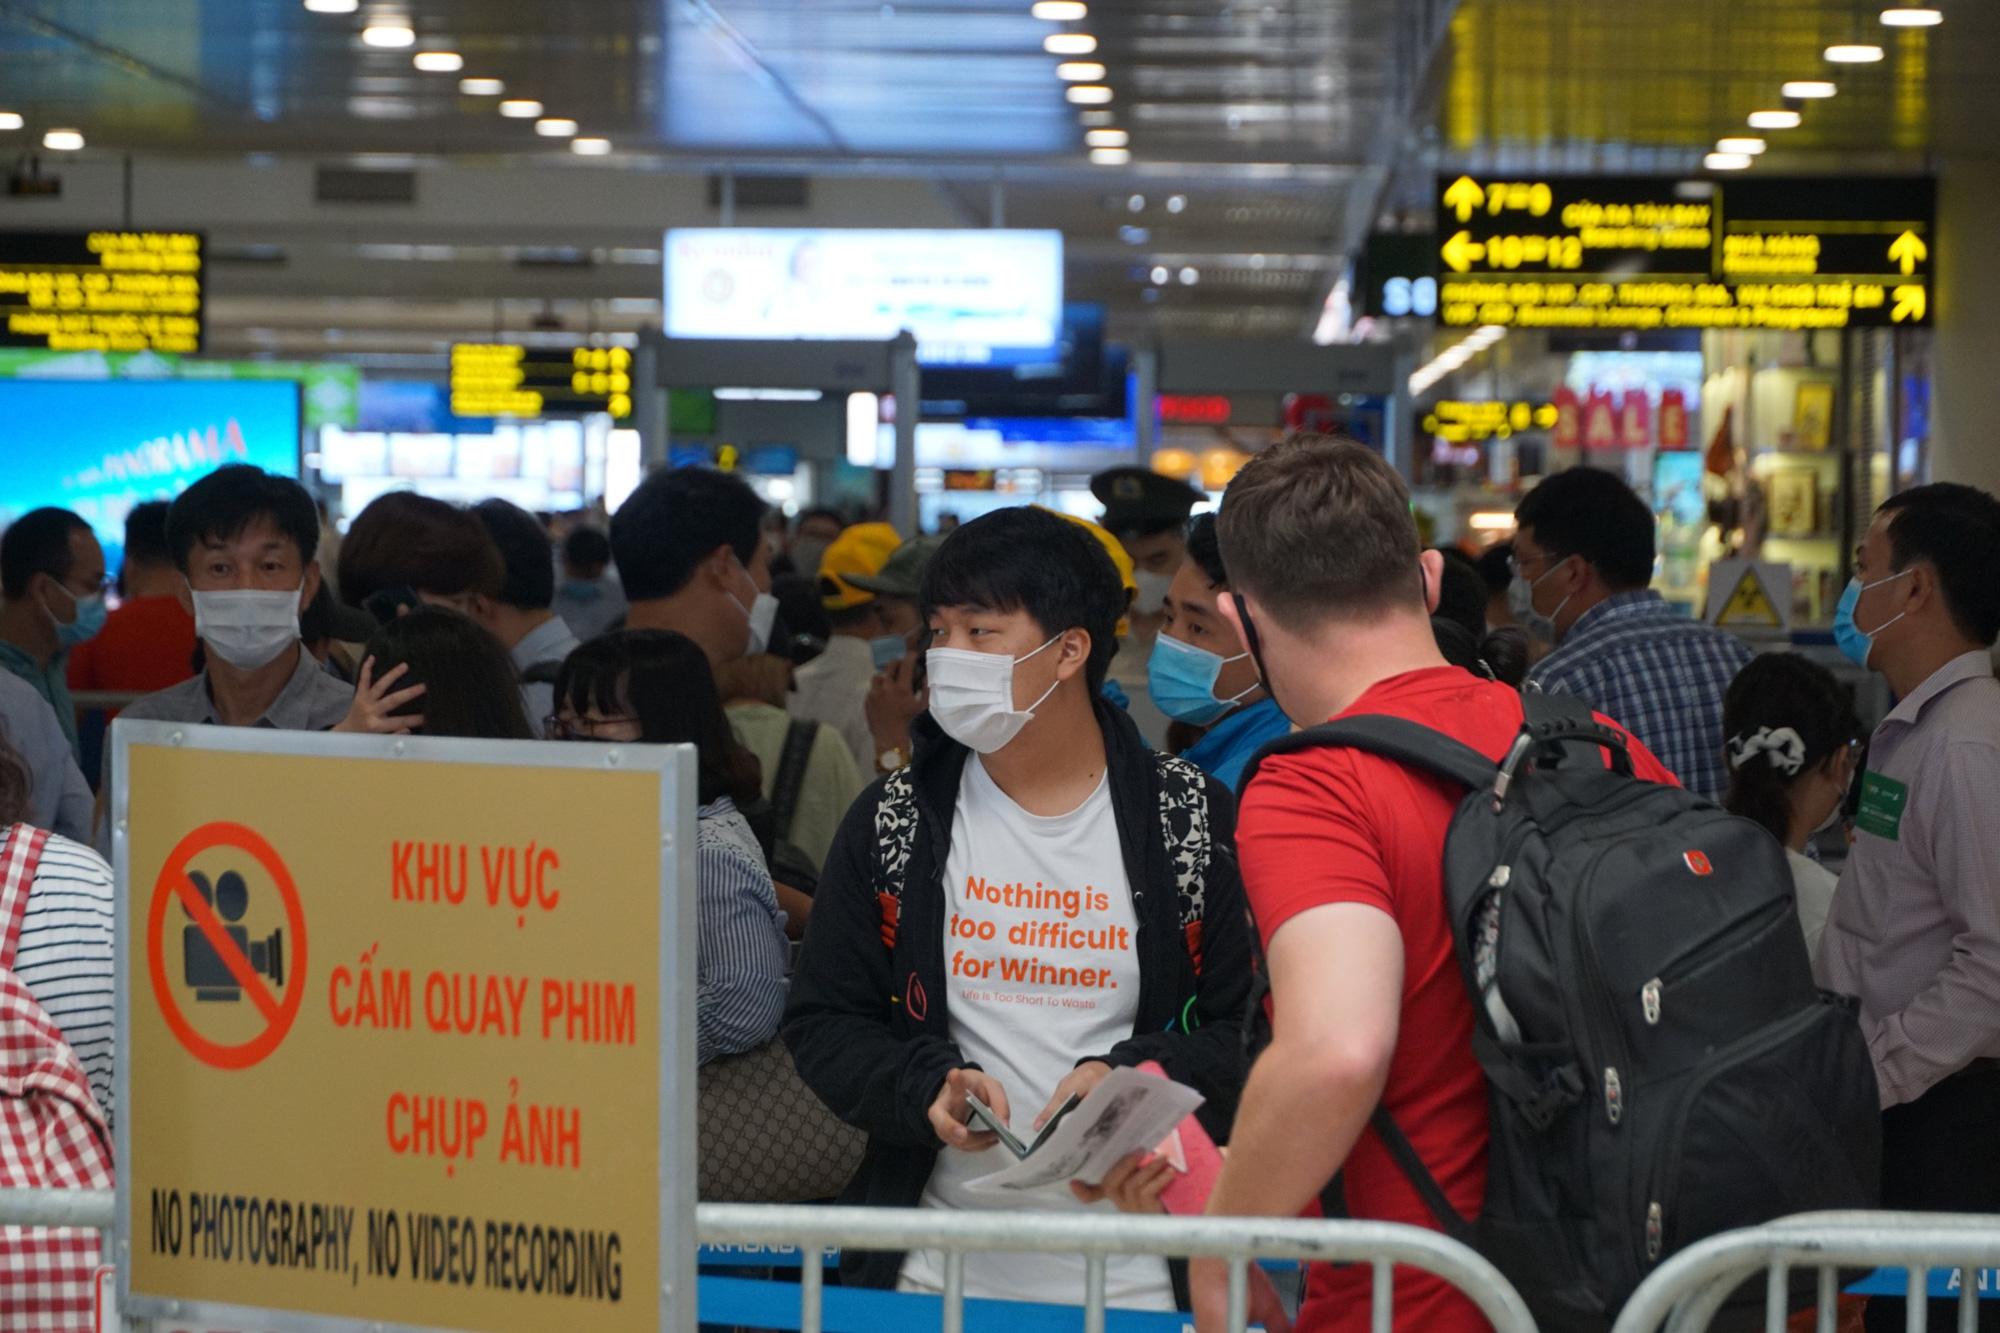 Hàng vạn hành khách xếp hàng dài chờ check-in tại sân bay Nội Bài trước ngày nghỉ lễ 30/4-1/5 - Ảnh 7.